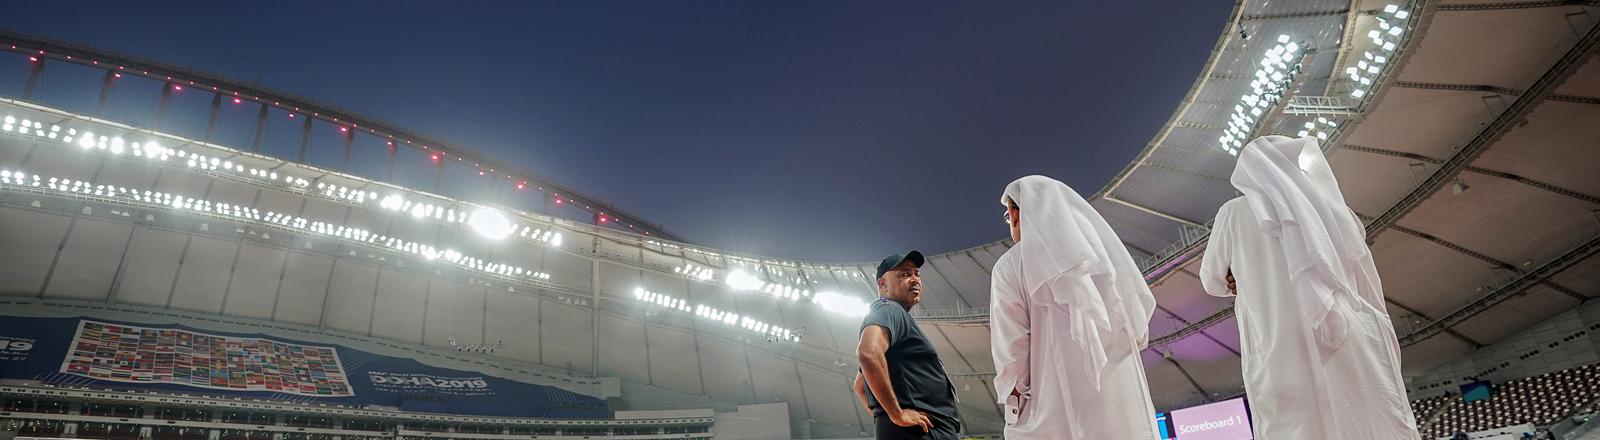 Männer in der traditionellen Bekleidung, dem «Thawb», stehen an der Laufbahn im Austragungsort der WM, dem Khalifa International Stadium